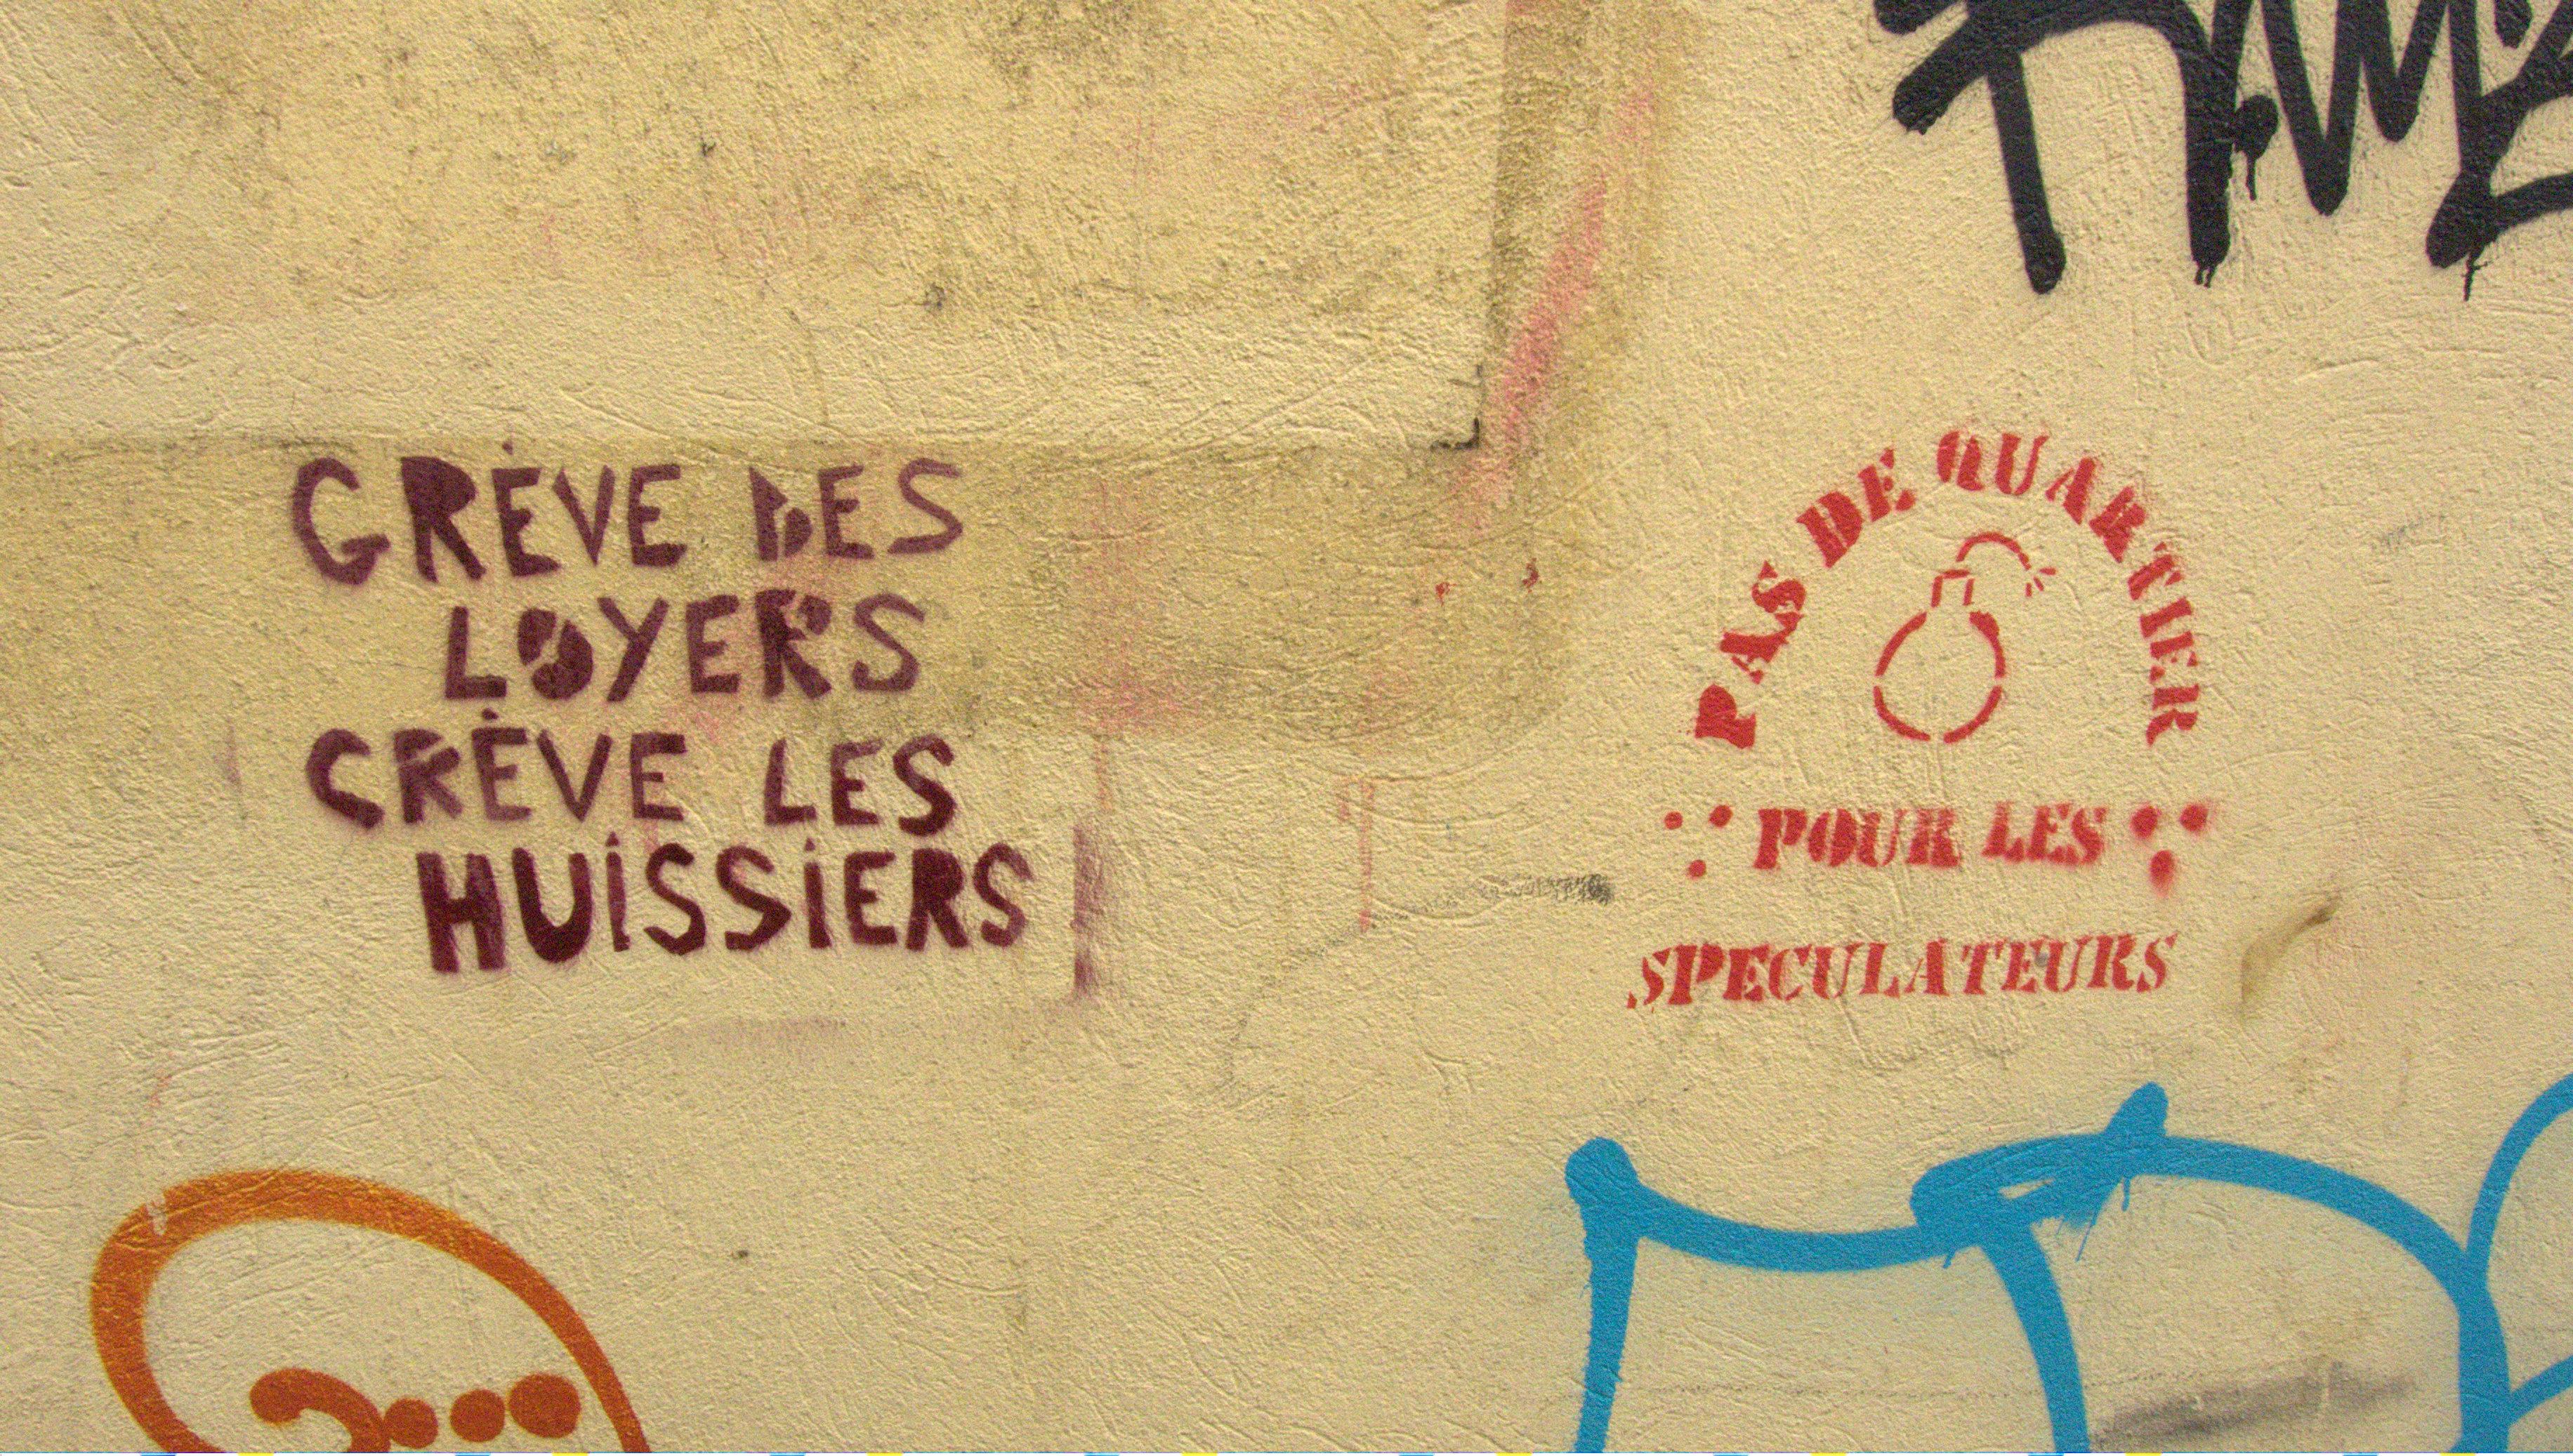 Photo prise le 27 avril 2013 à Bagnolet, lors de la manifestation contre les expulsions et la restructuration urbaine.